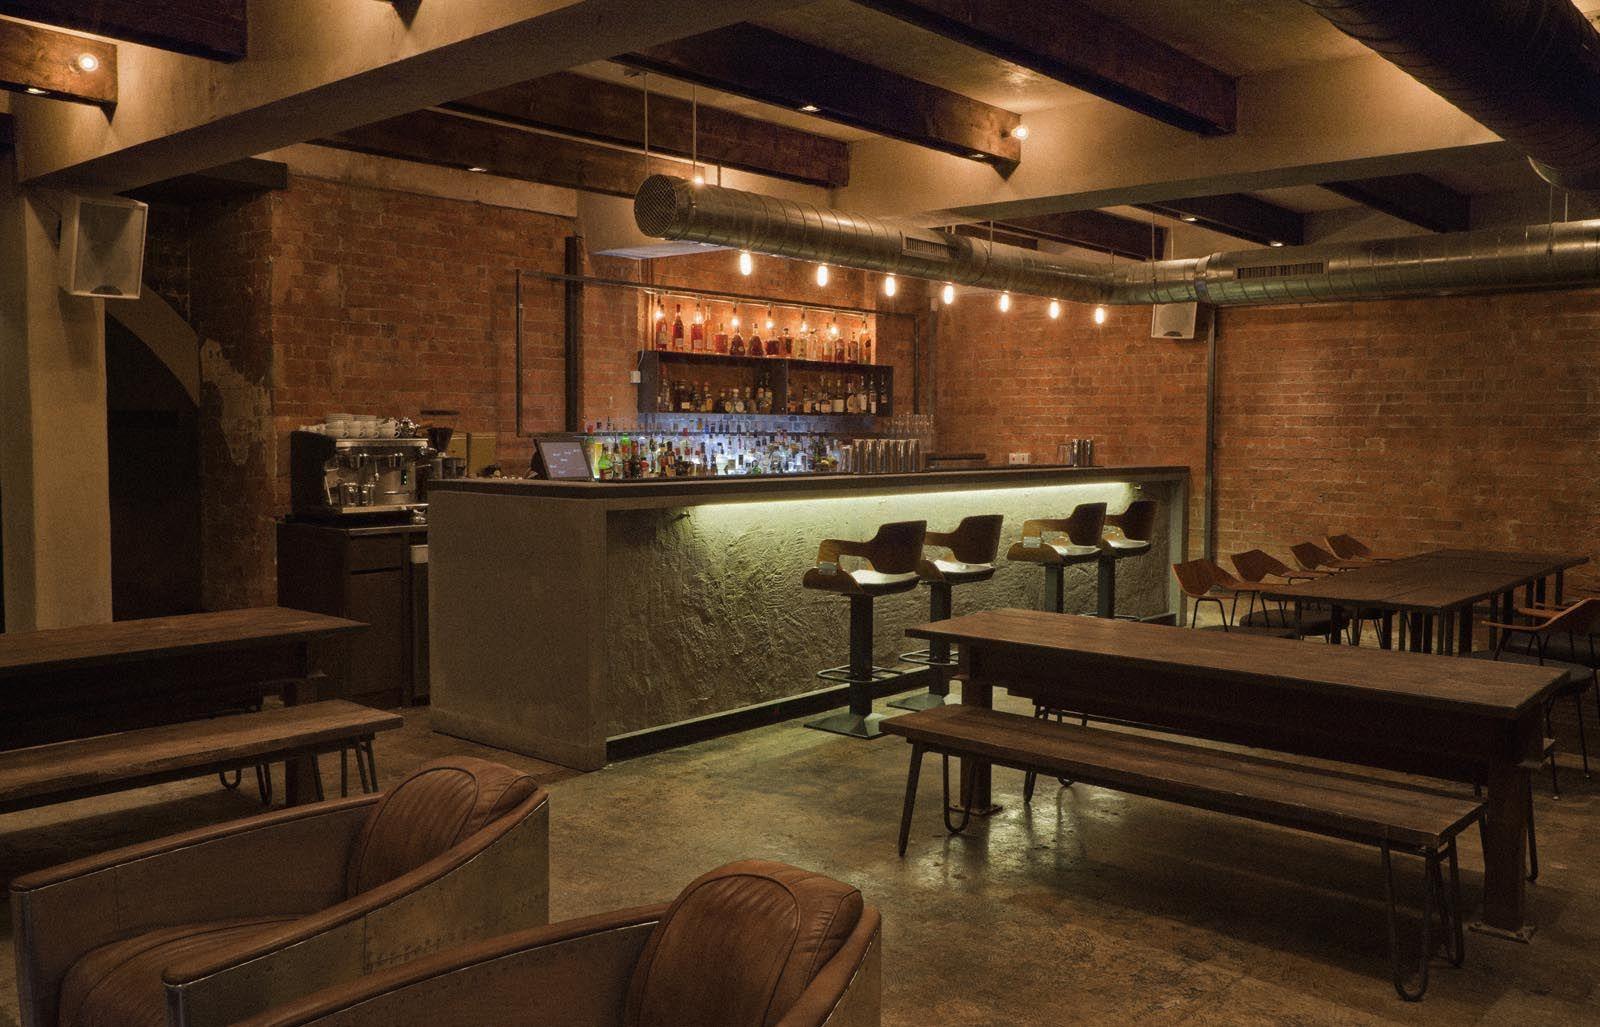 Restaurant Interior Design: Industrial Environment Style  Restaurant interior, Bar restaurant